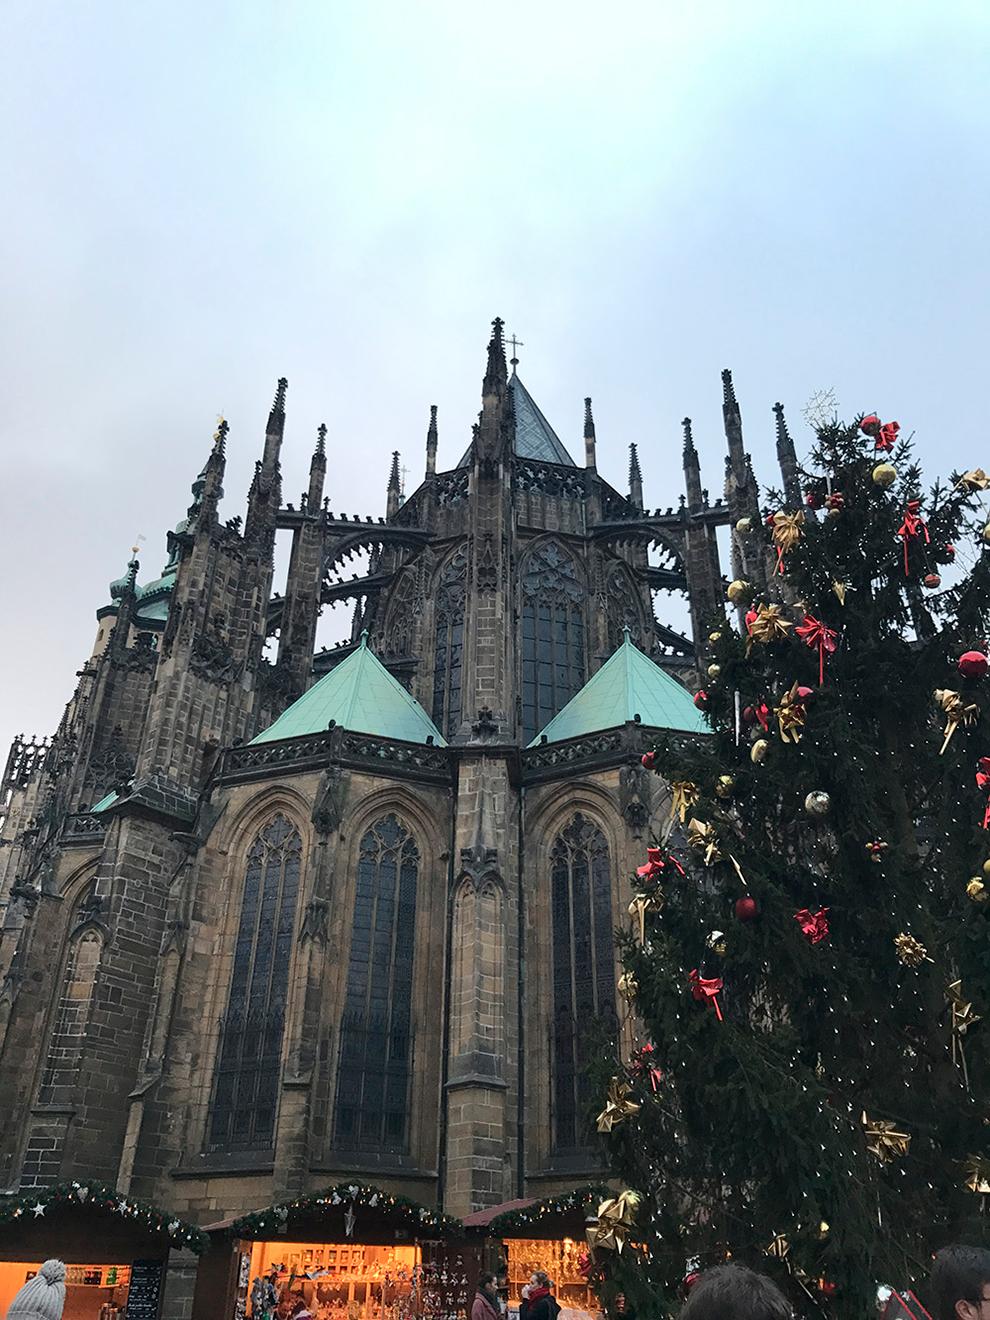 К новогодним праздникам около собора устанавливают украшенную елку. Источник: Анастасия Постникова